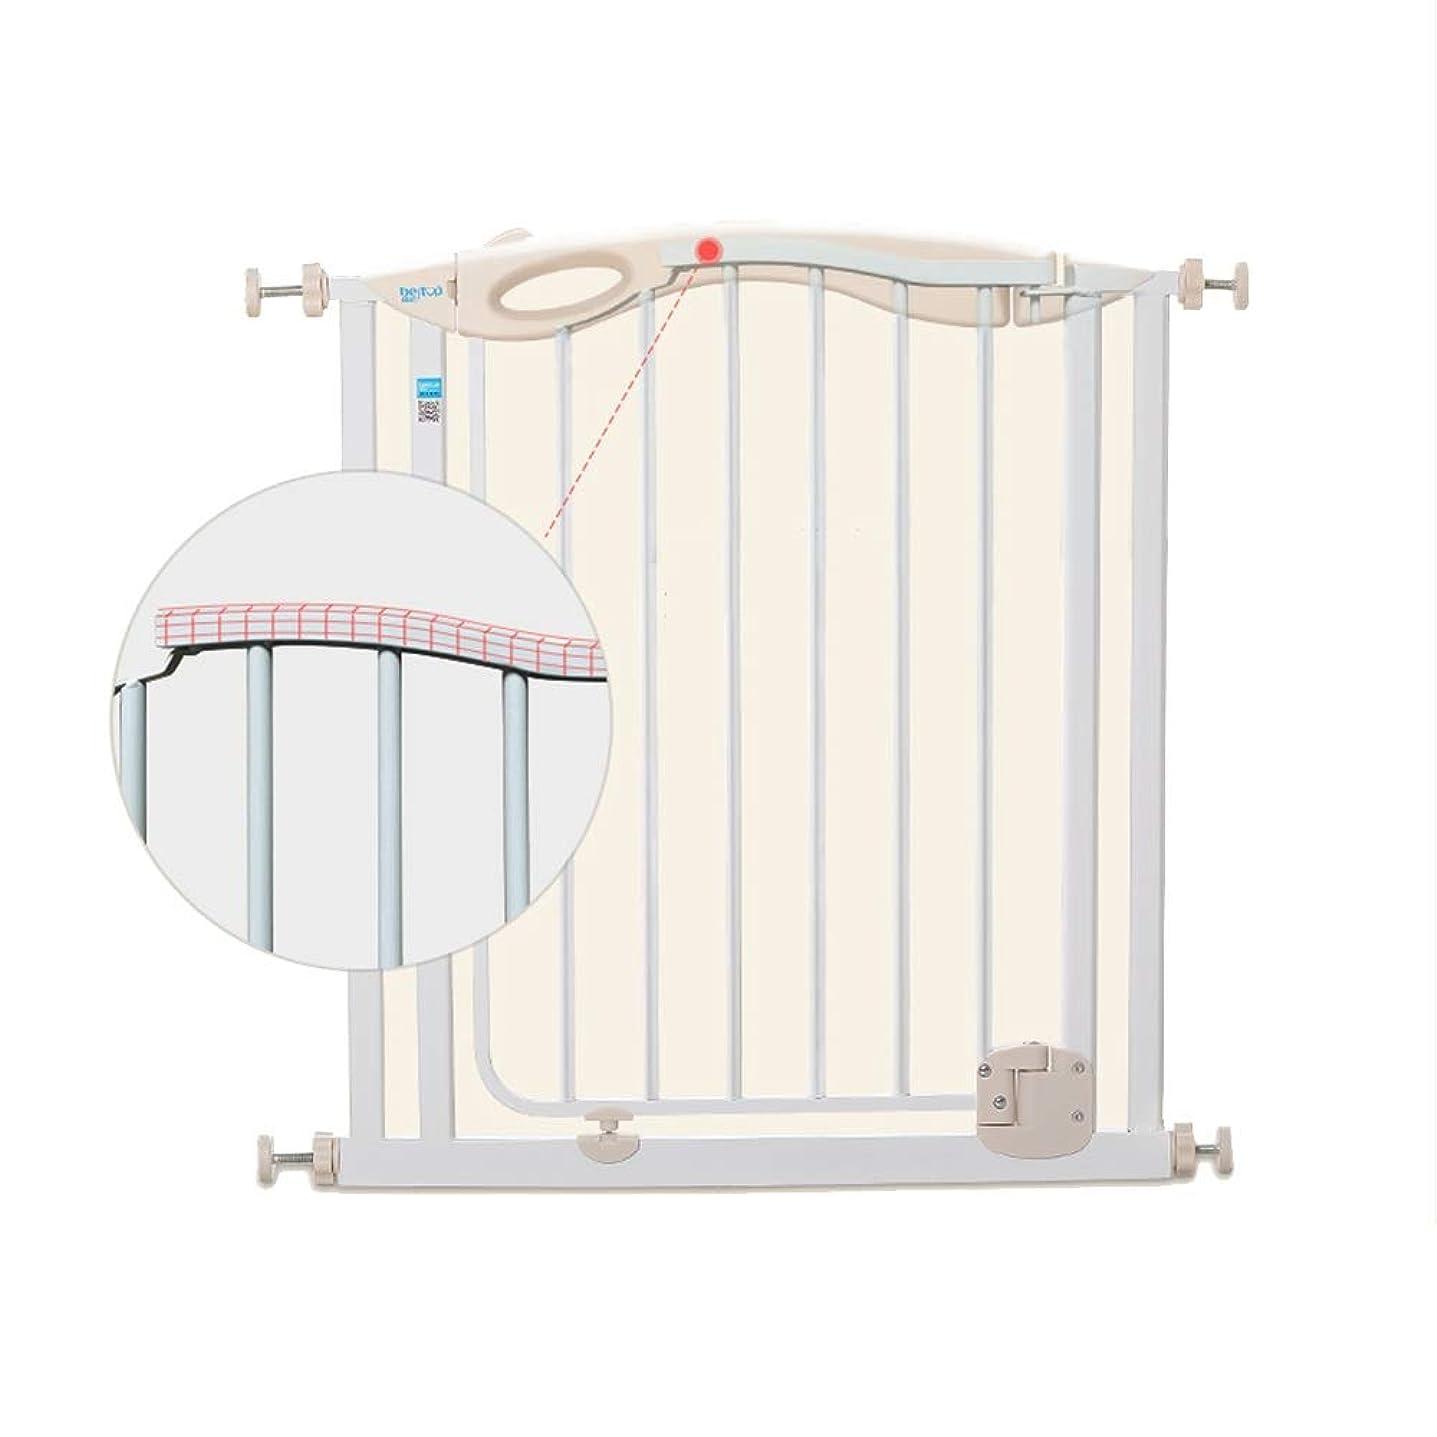 なぜなら中央段階Xyanzi-圧力フィット安全扉 赤ん坊の塀、子供の安全ドアの赤ん坊の塀ペットドアバー30-33の圧力台紙が付いている金属の安全門を拡張する